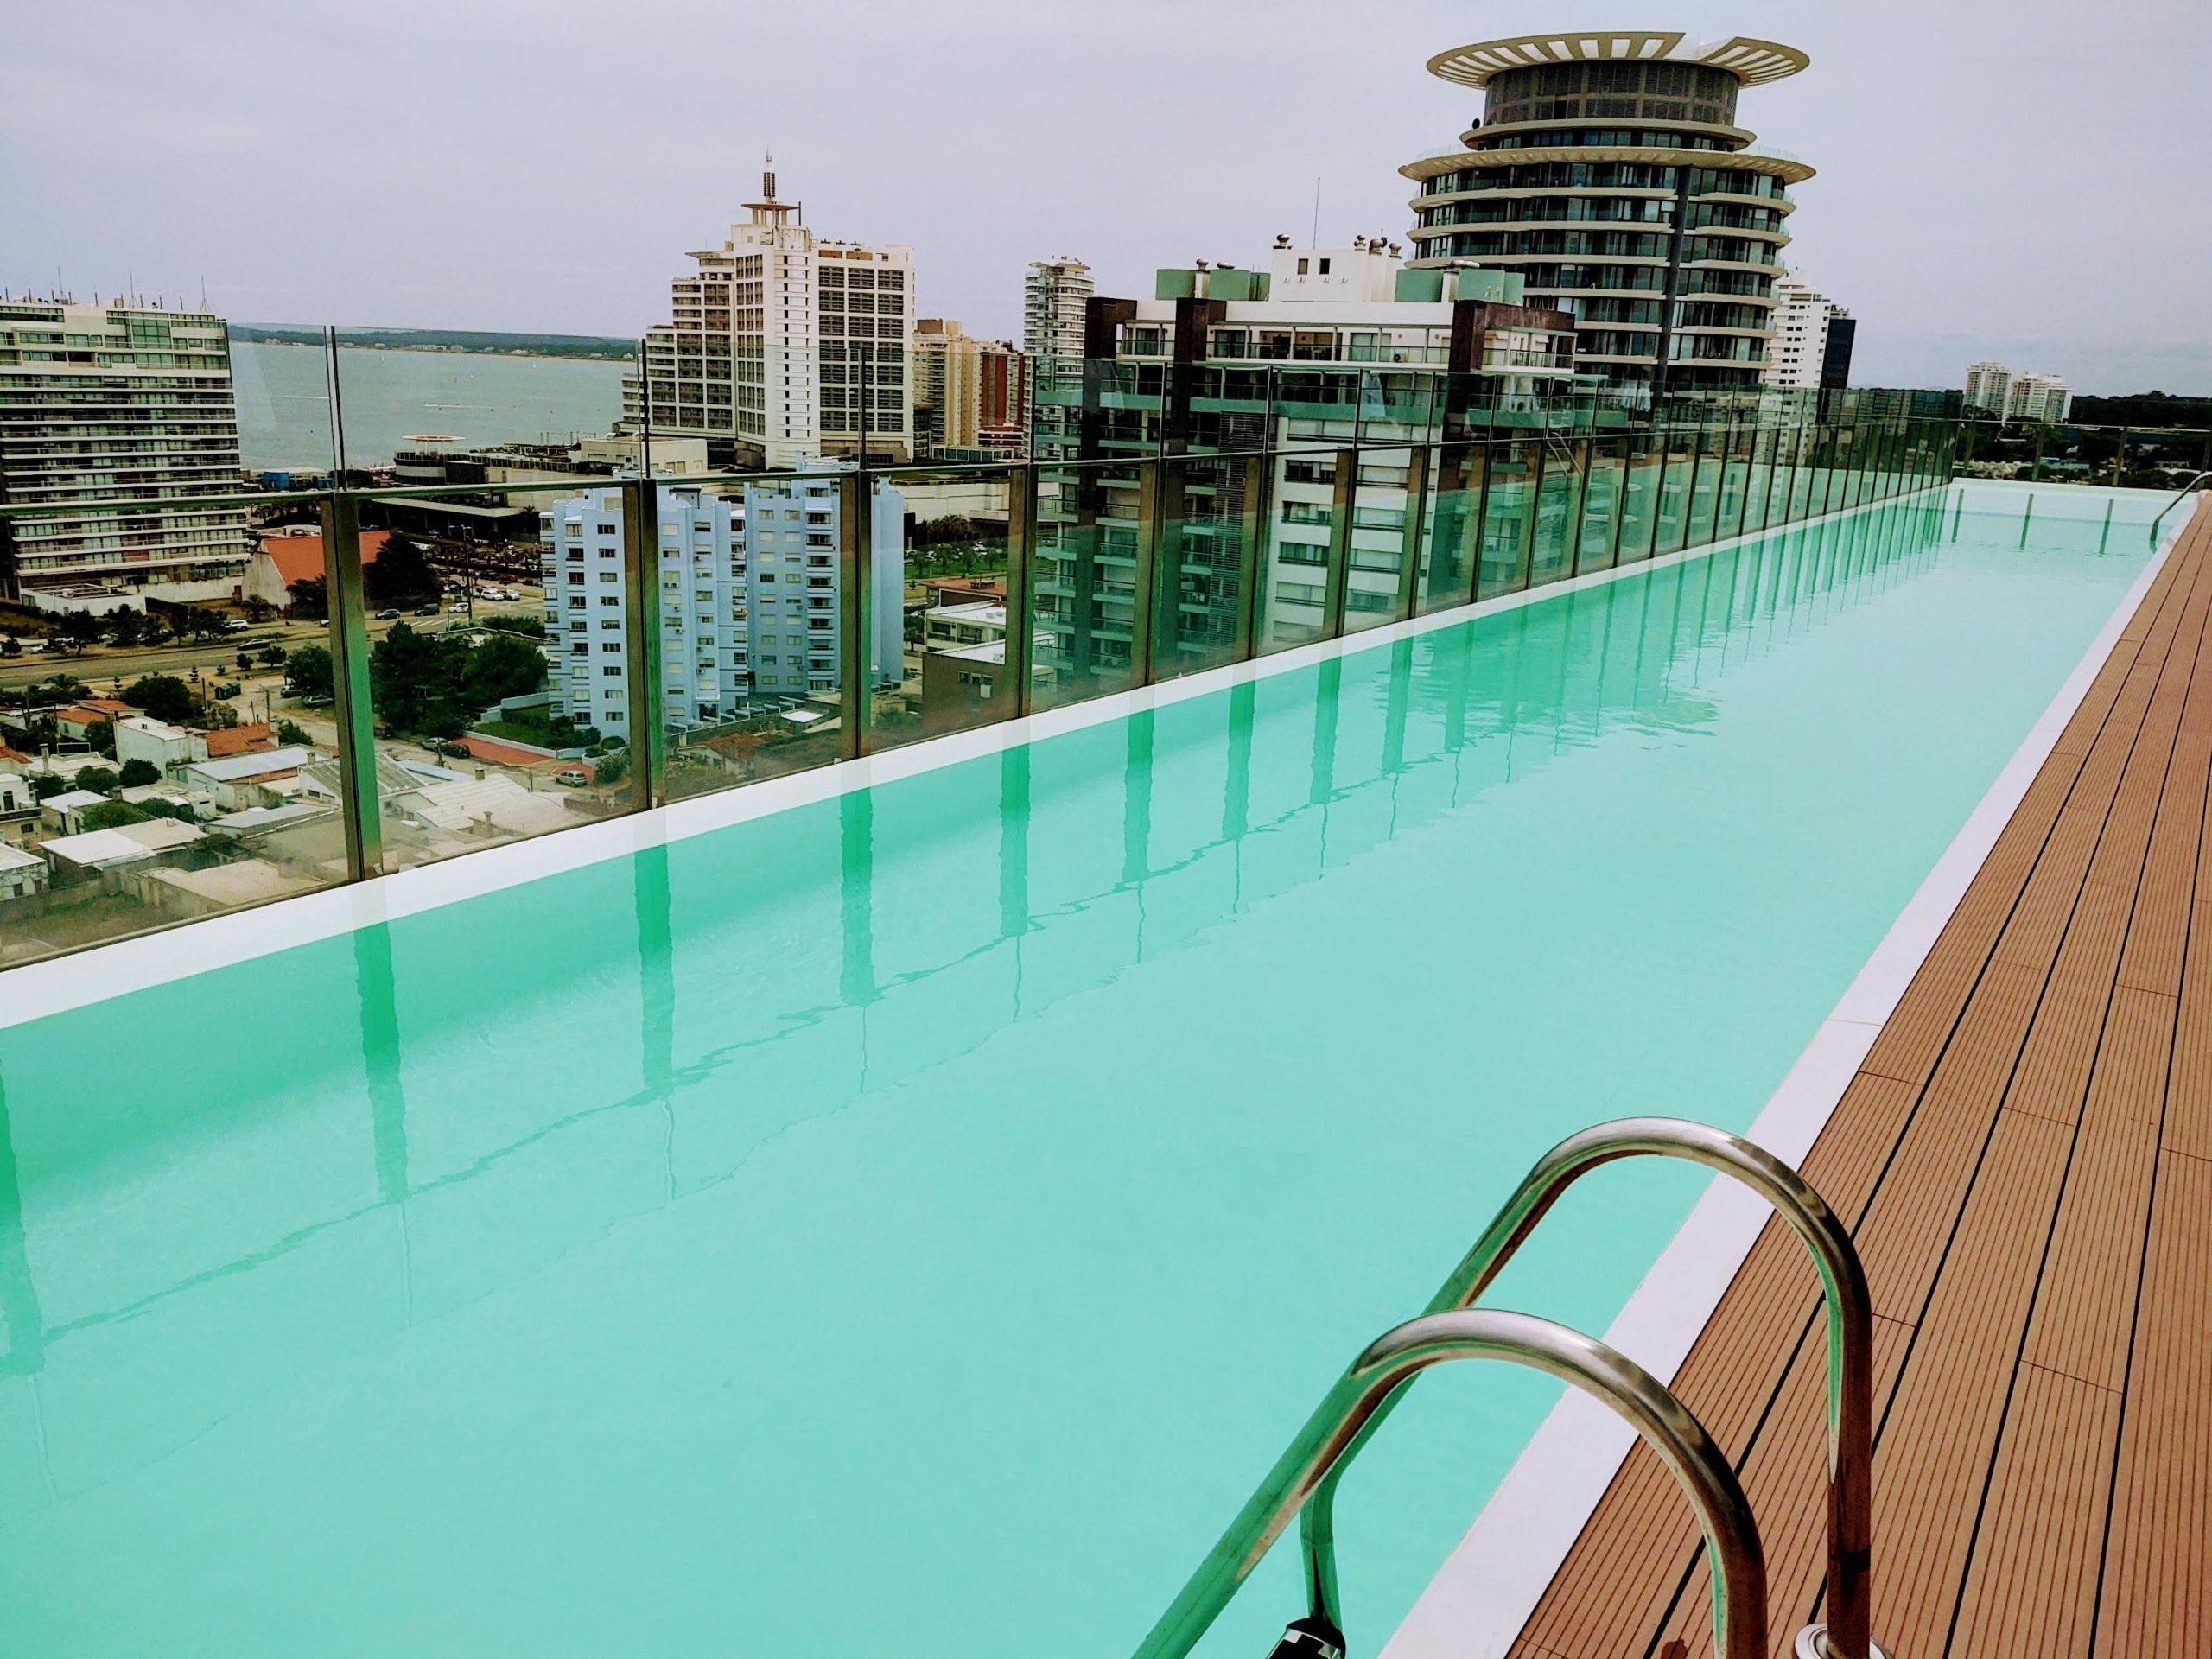 Descubriendo Torre Onix Punta del Este, una oportunidad de inversión en el edificio mas moderno de Latinoamérica